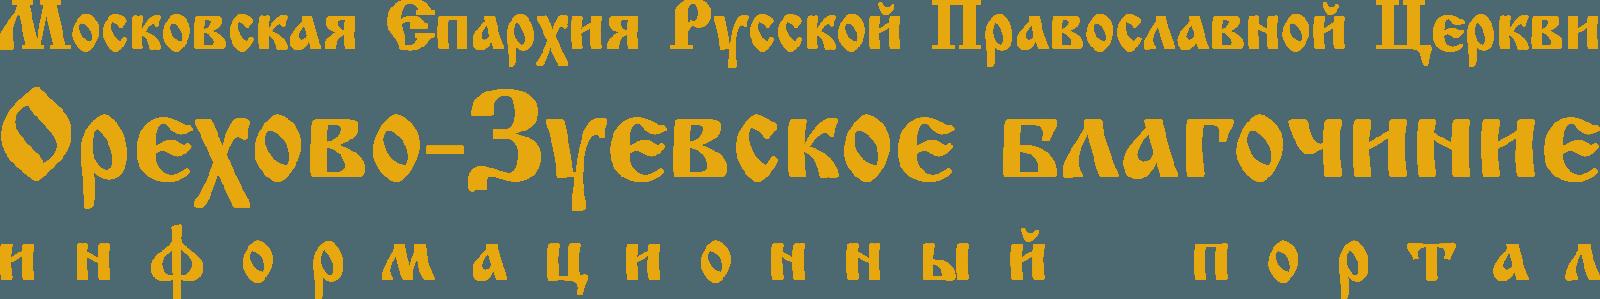 Московская Епархия Русской Православной Церкви Орехово-Зуевское благочиние